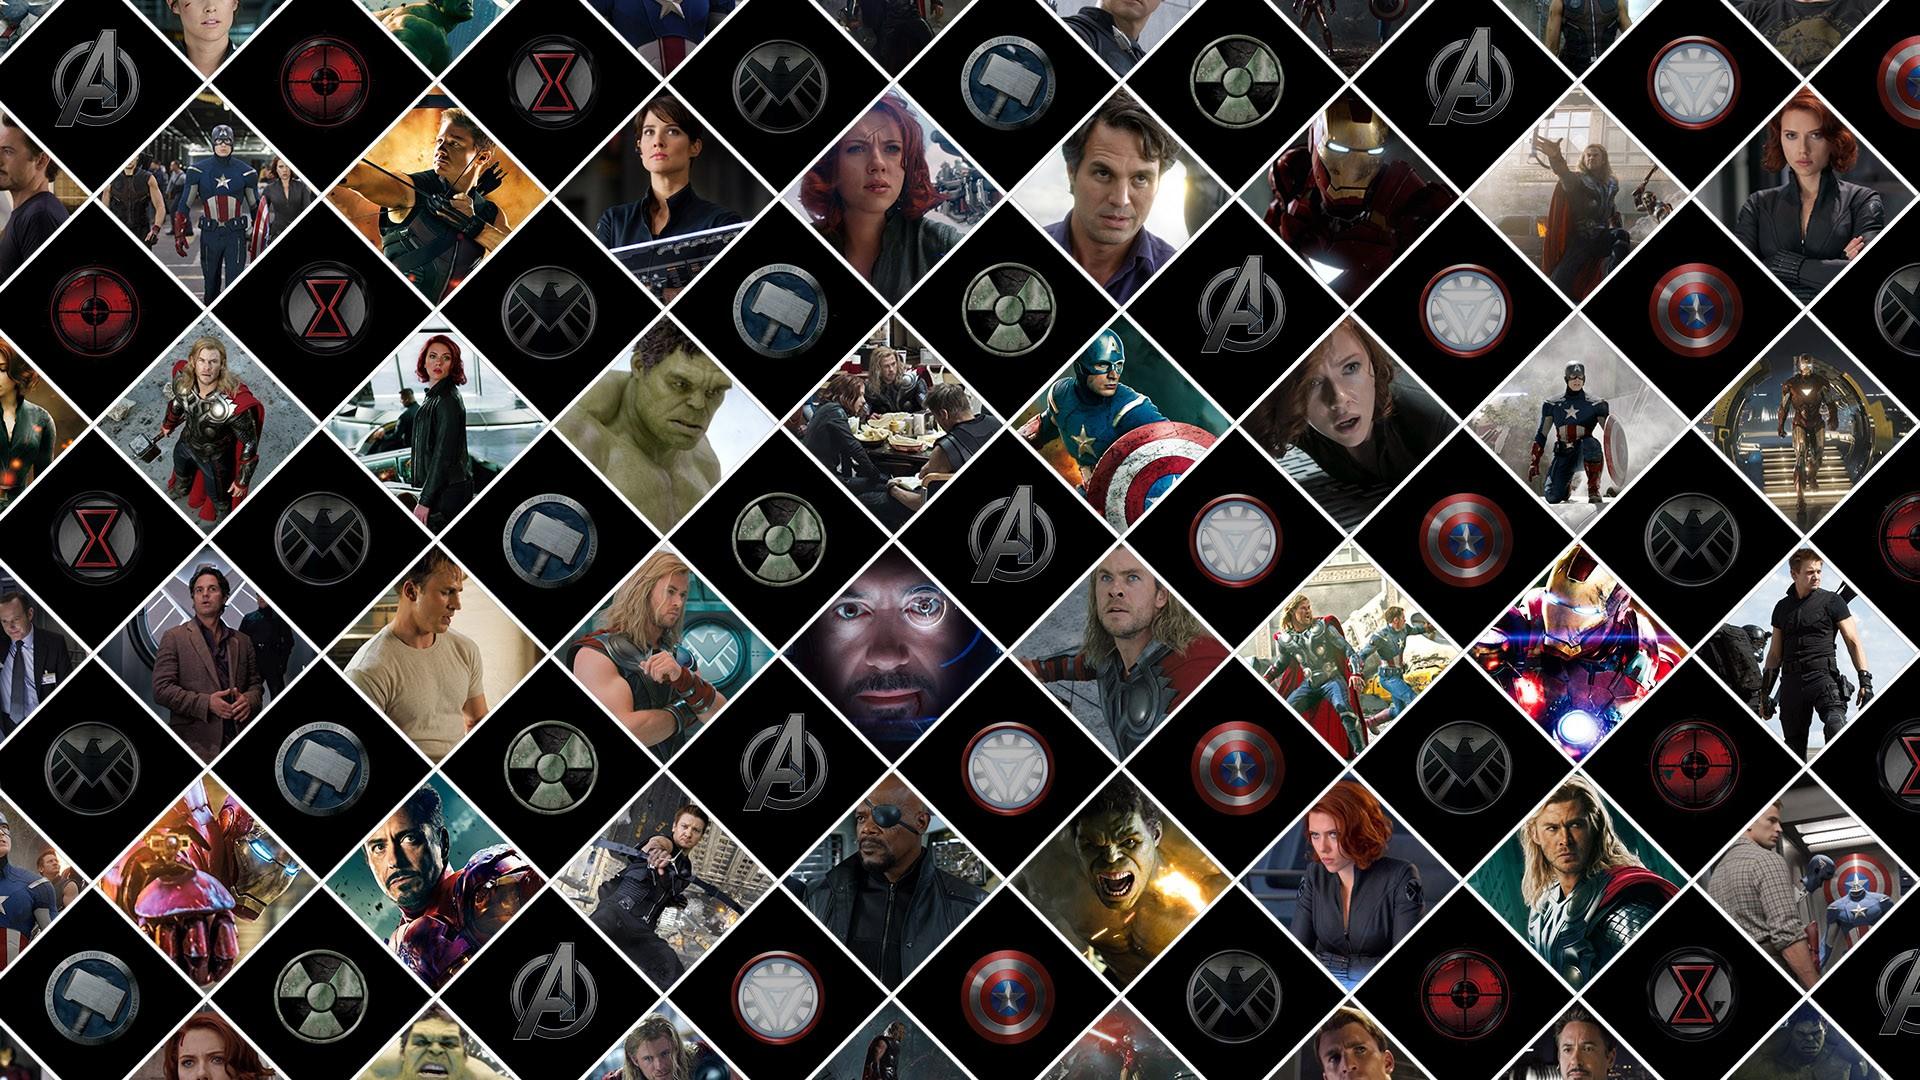 avengers marvel superhero wallpaper - photo #30